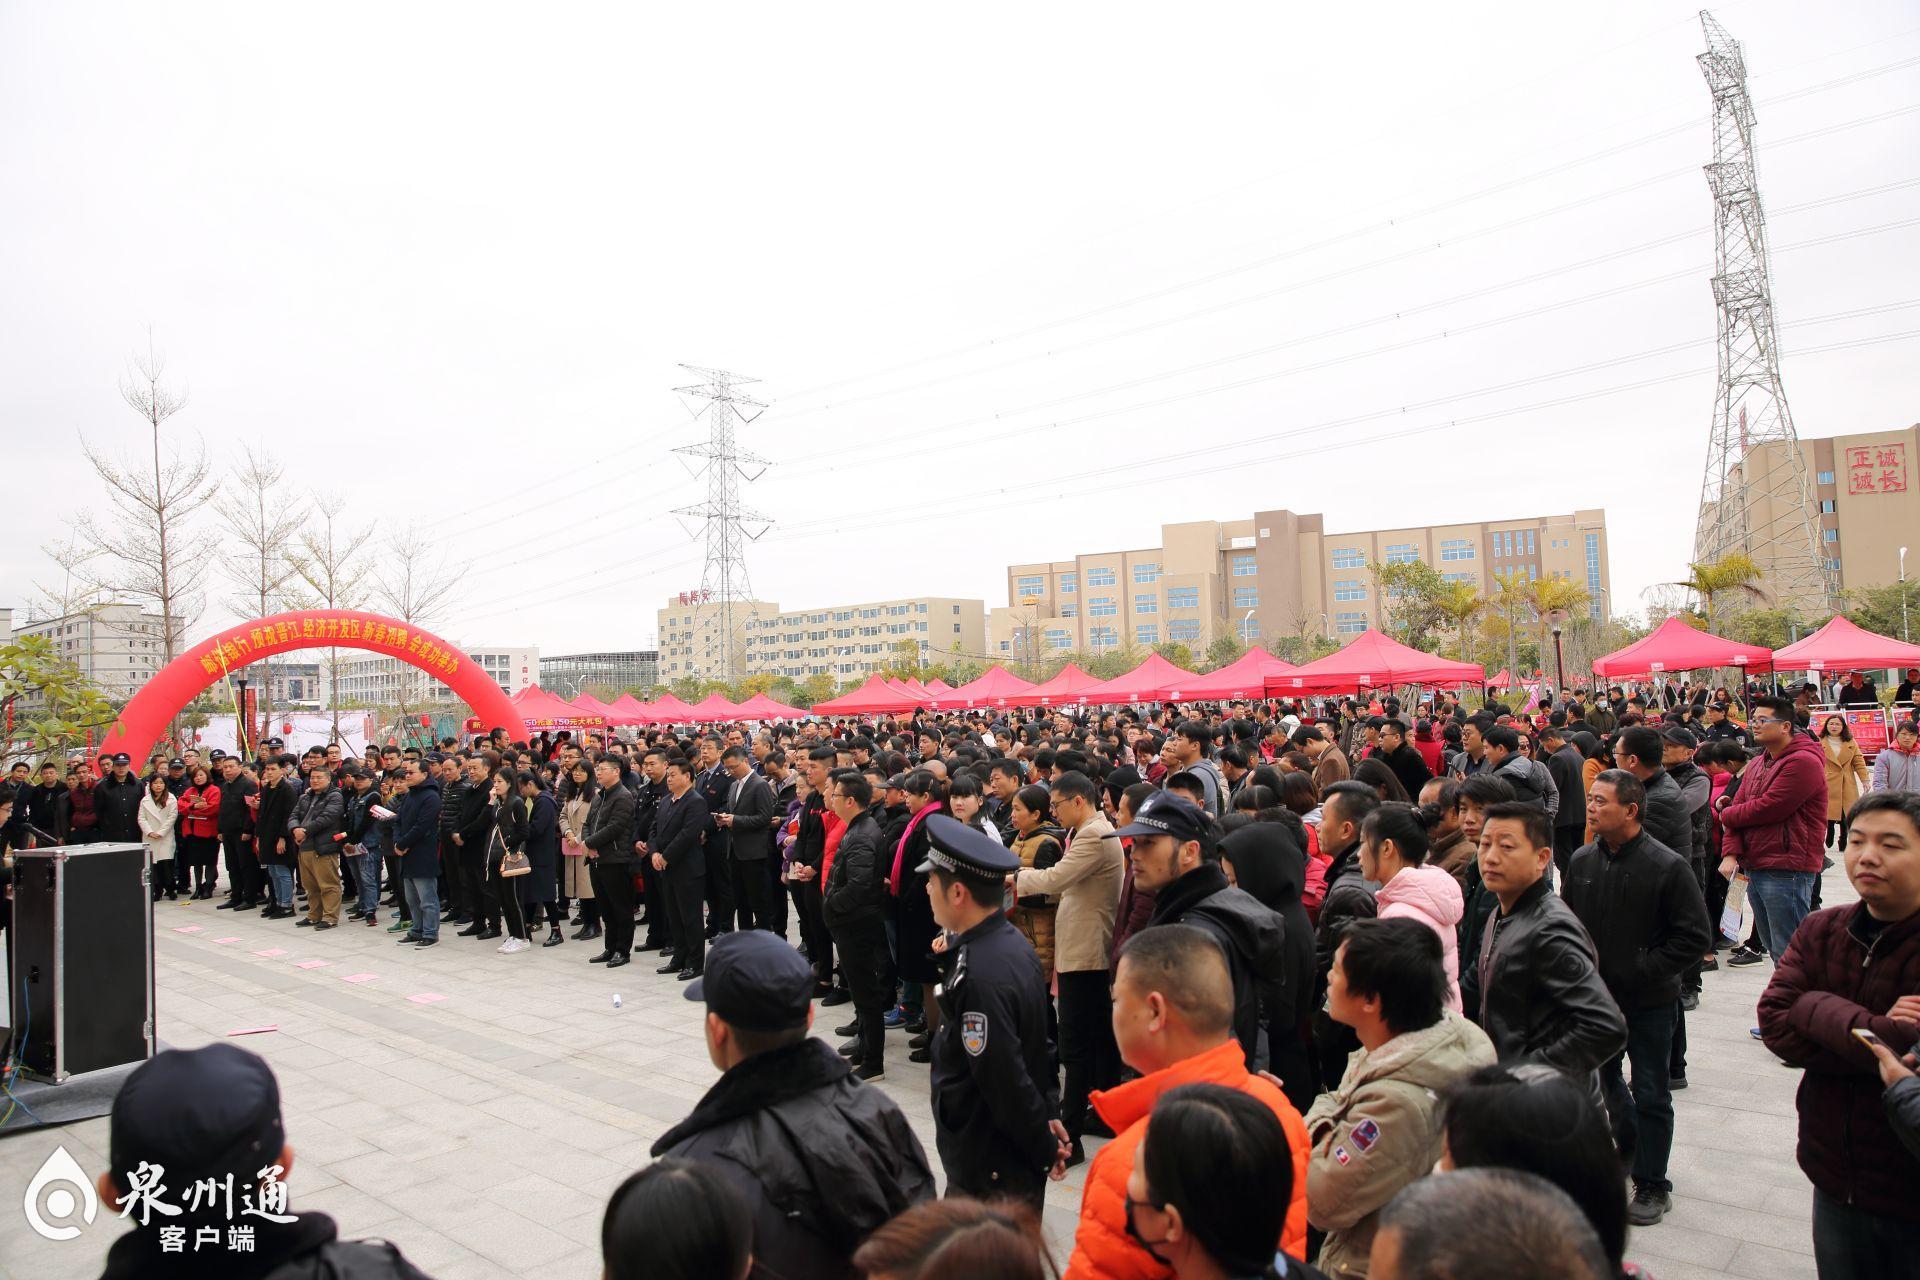 晋江五里开发区举行新春招聘会暨人才交流服务共享中心正式揭牌